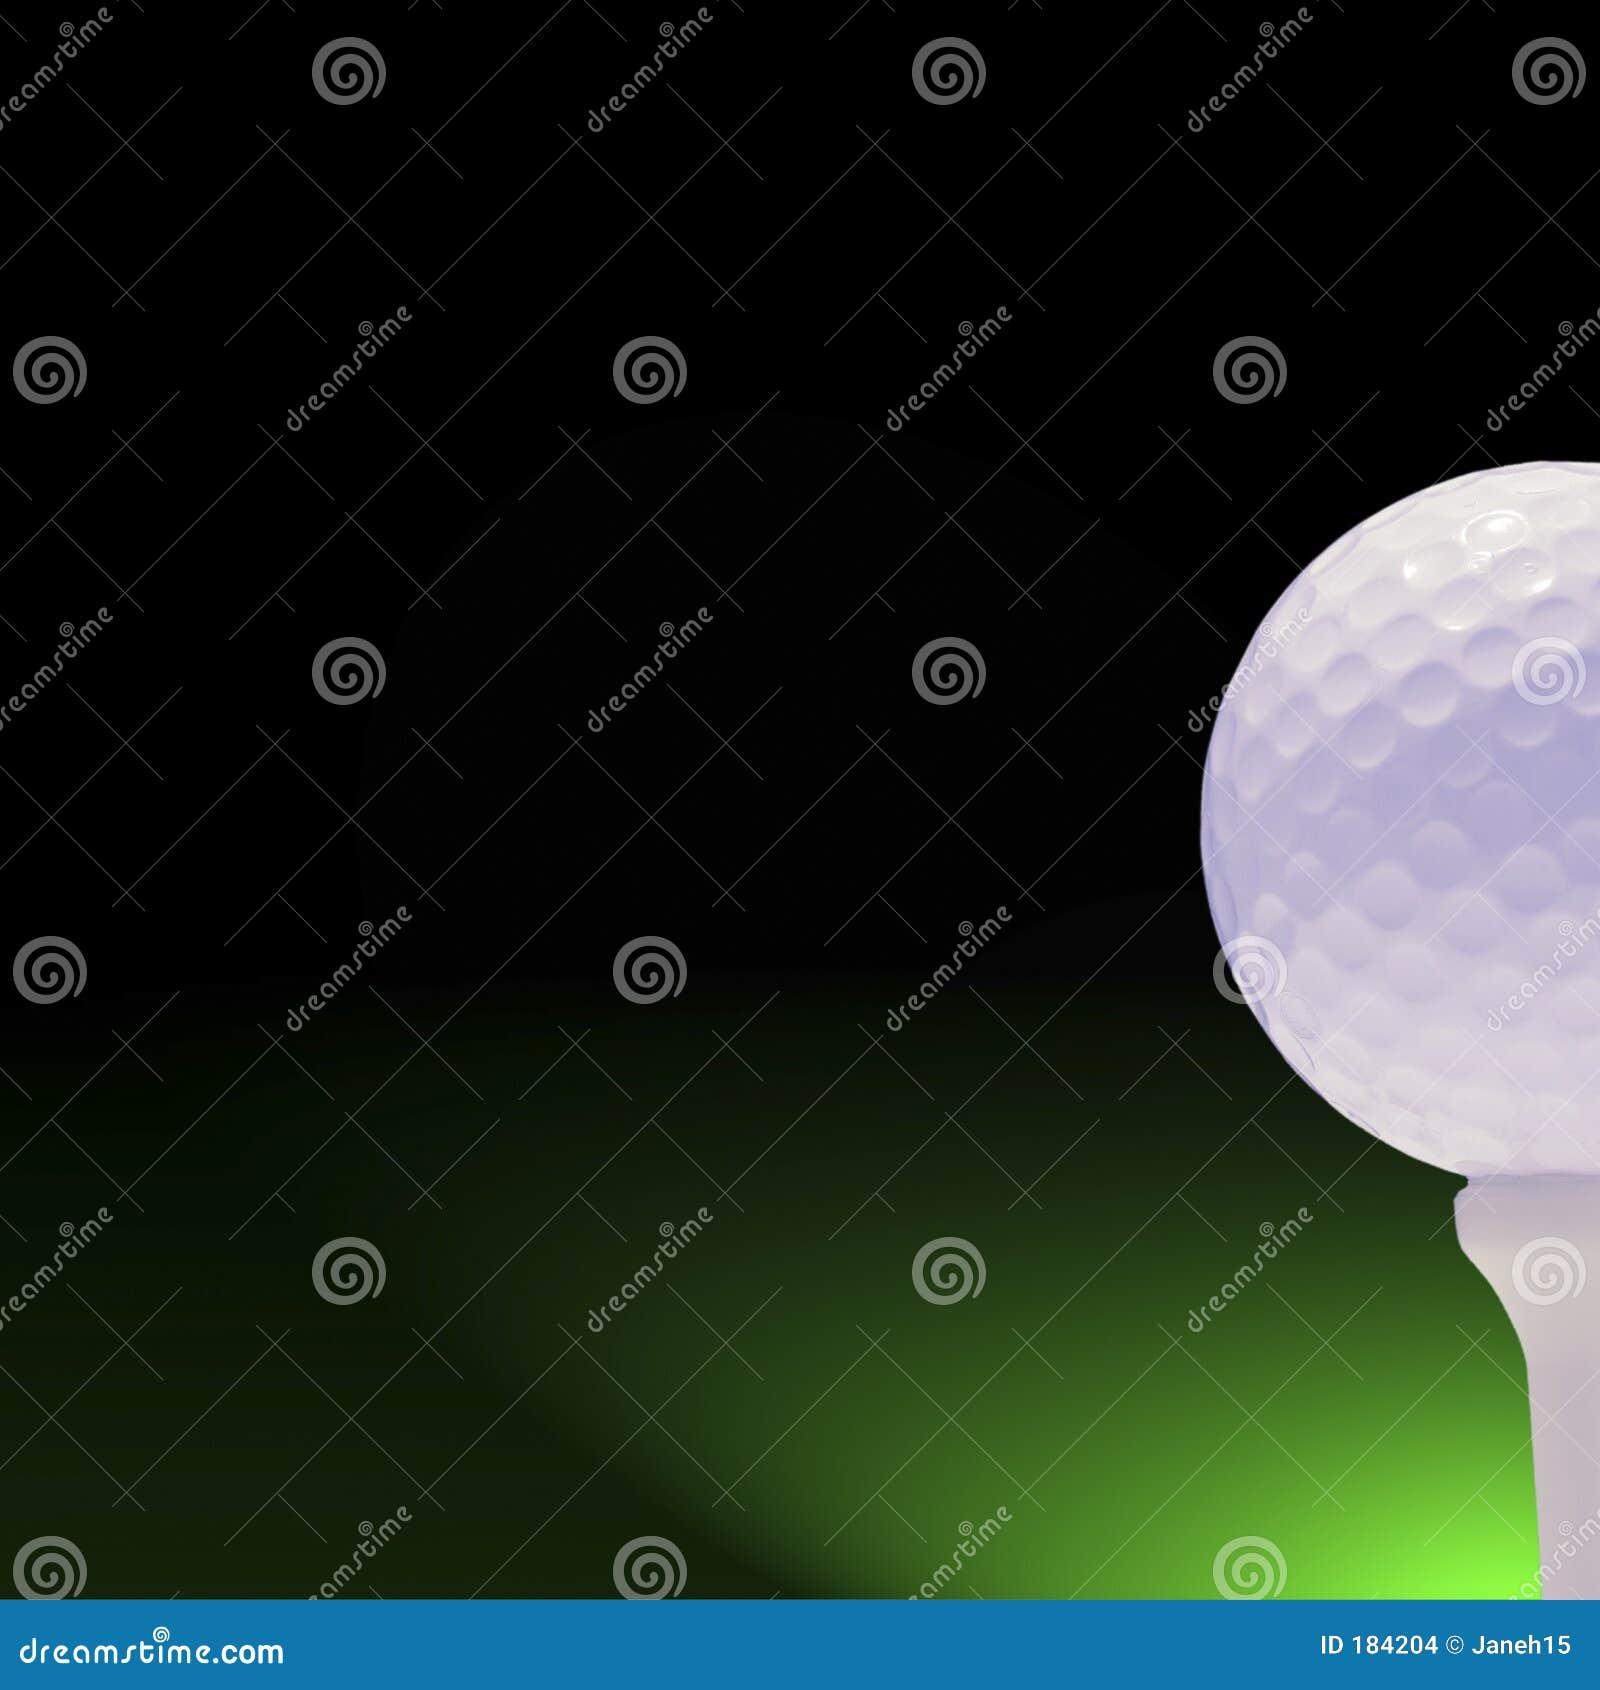 Pelota de golf en verde y negro